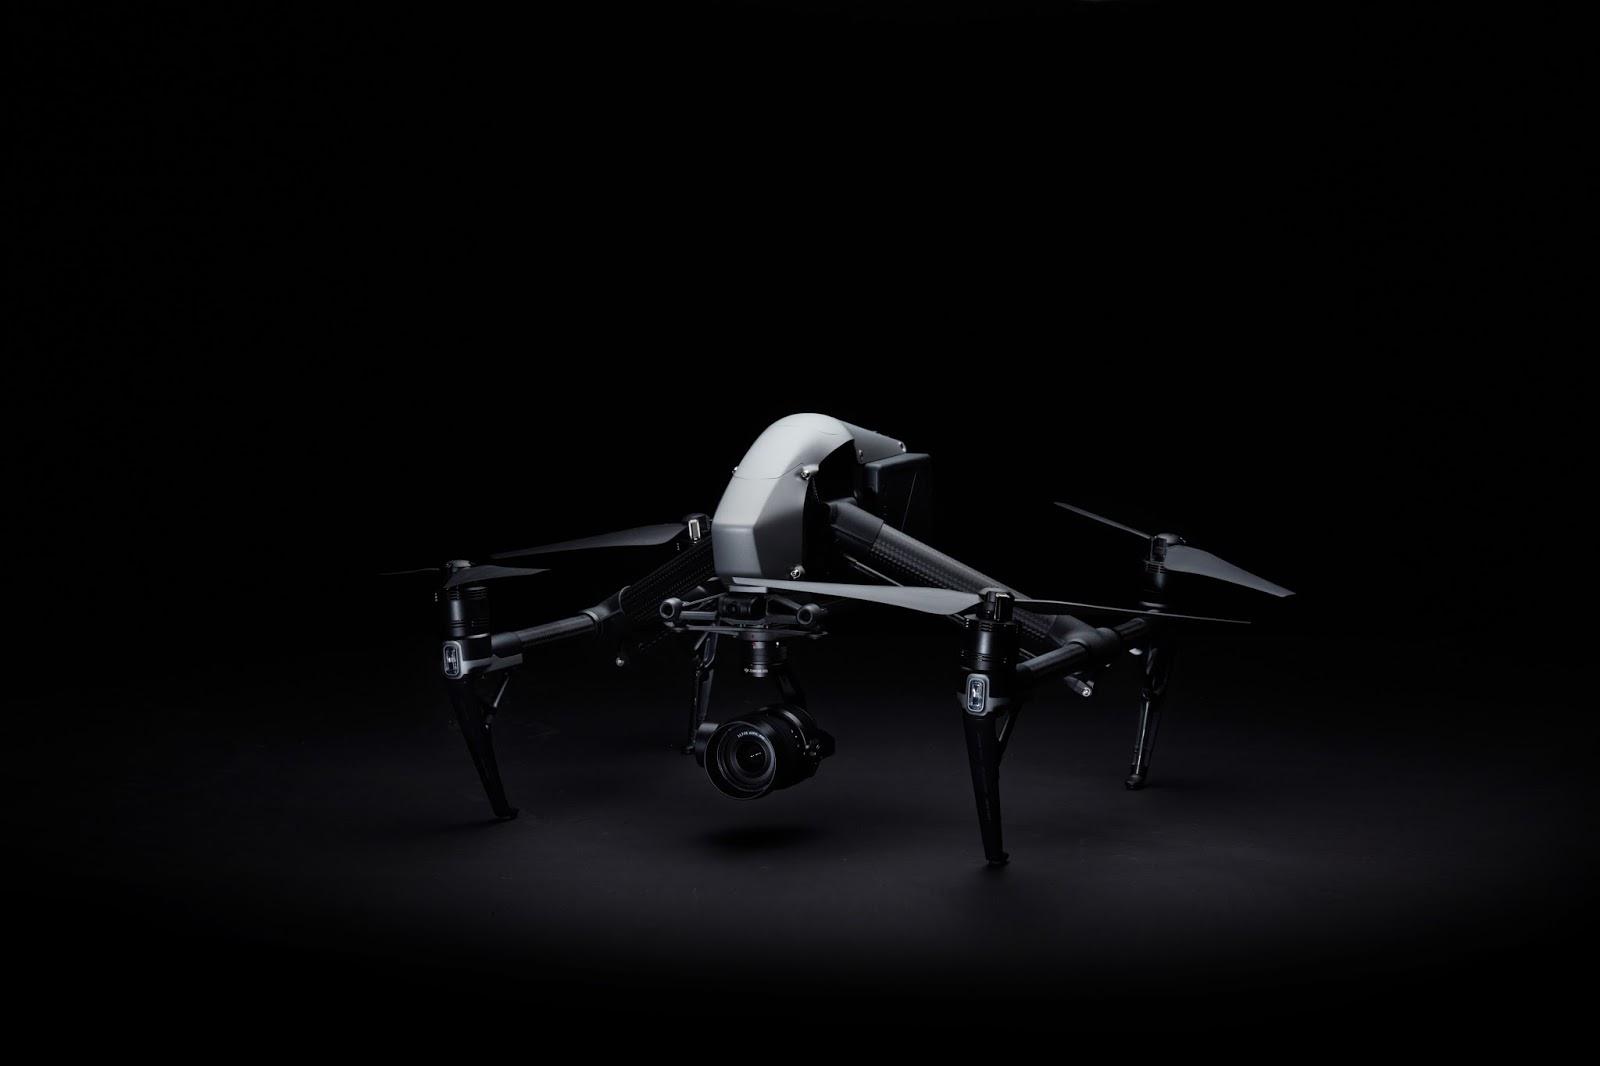 Best Camera Drones To Buy In 2018